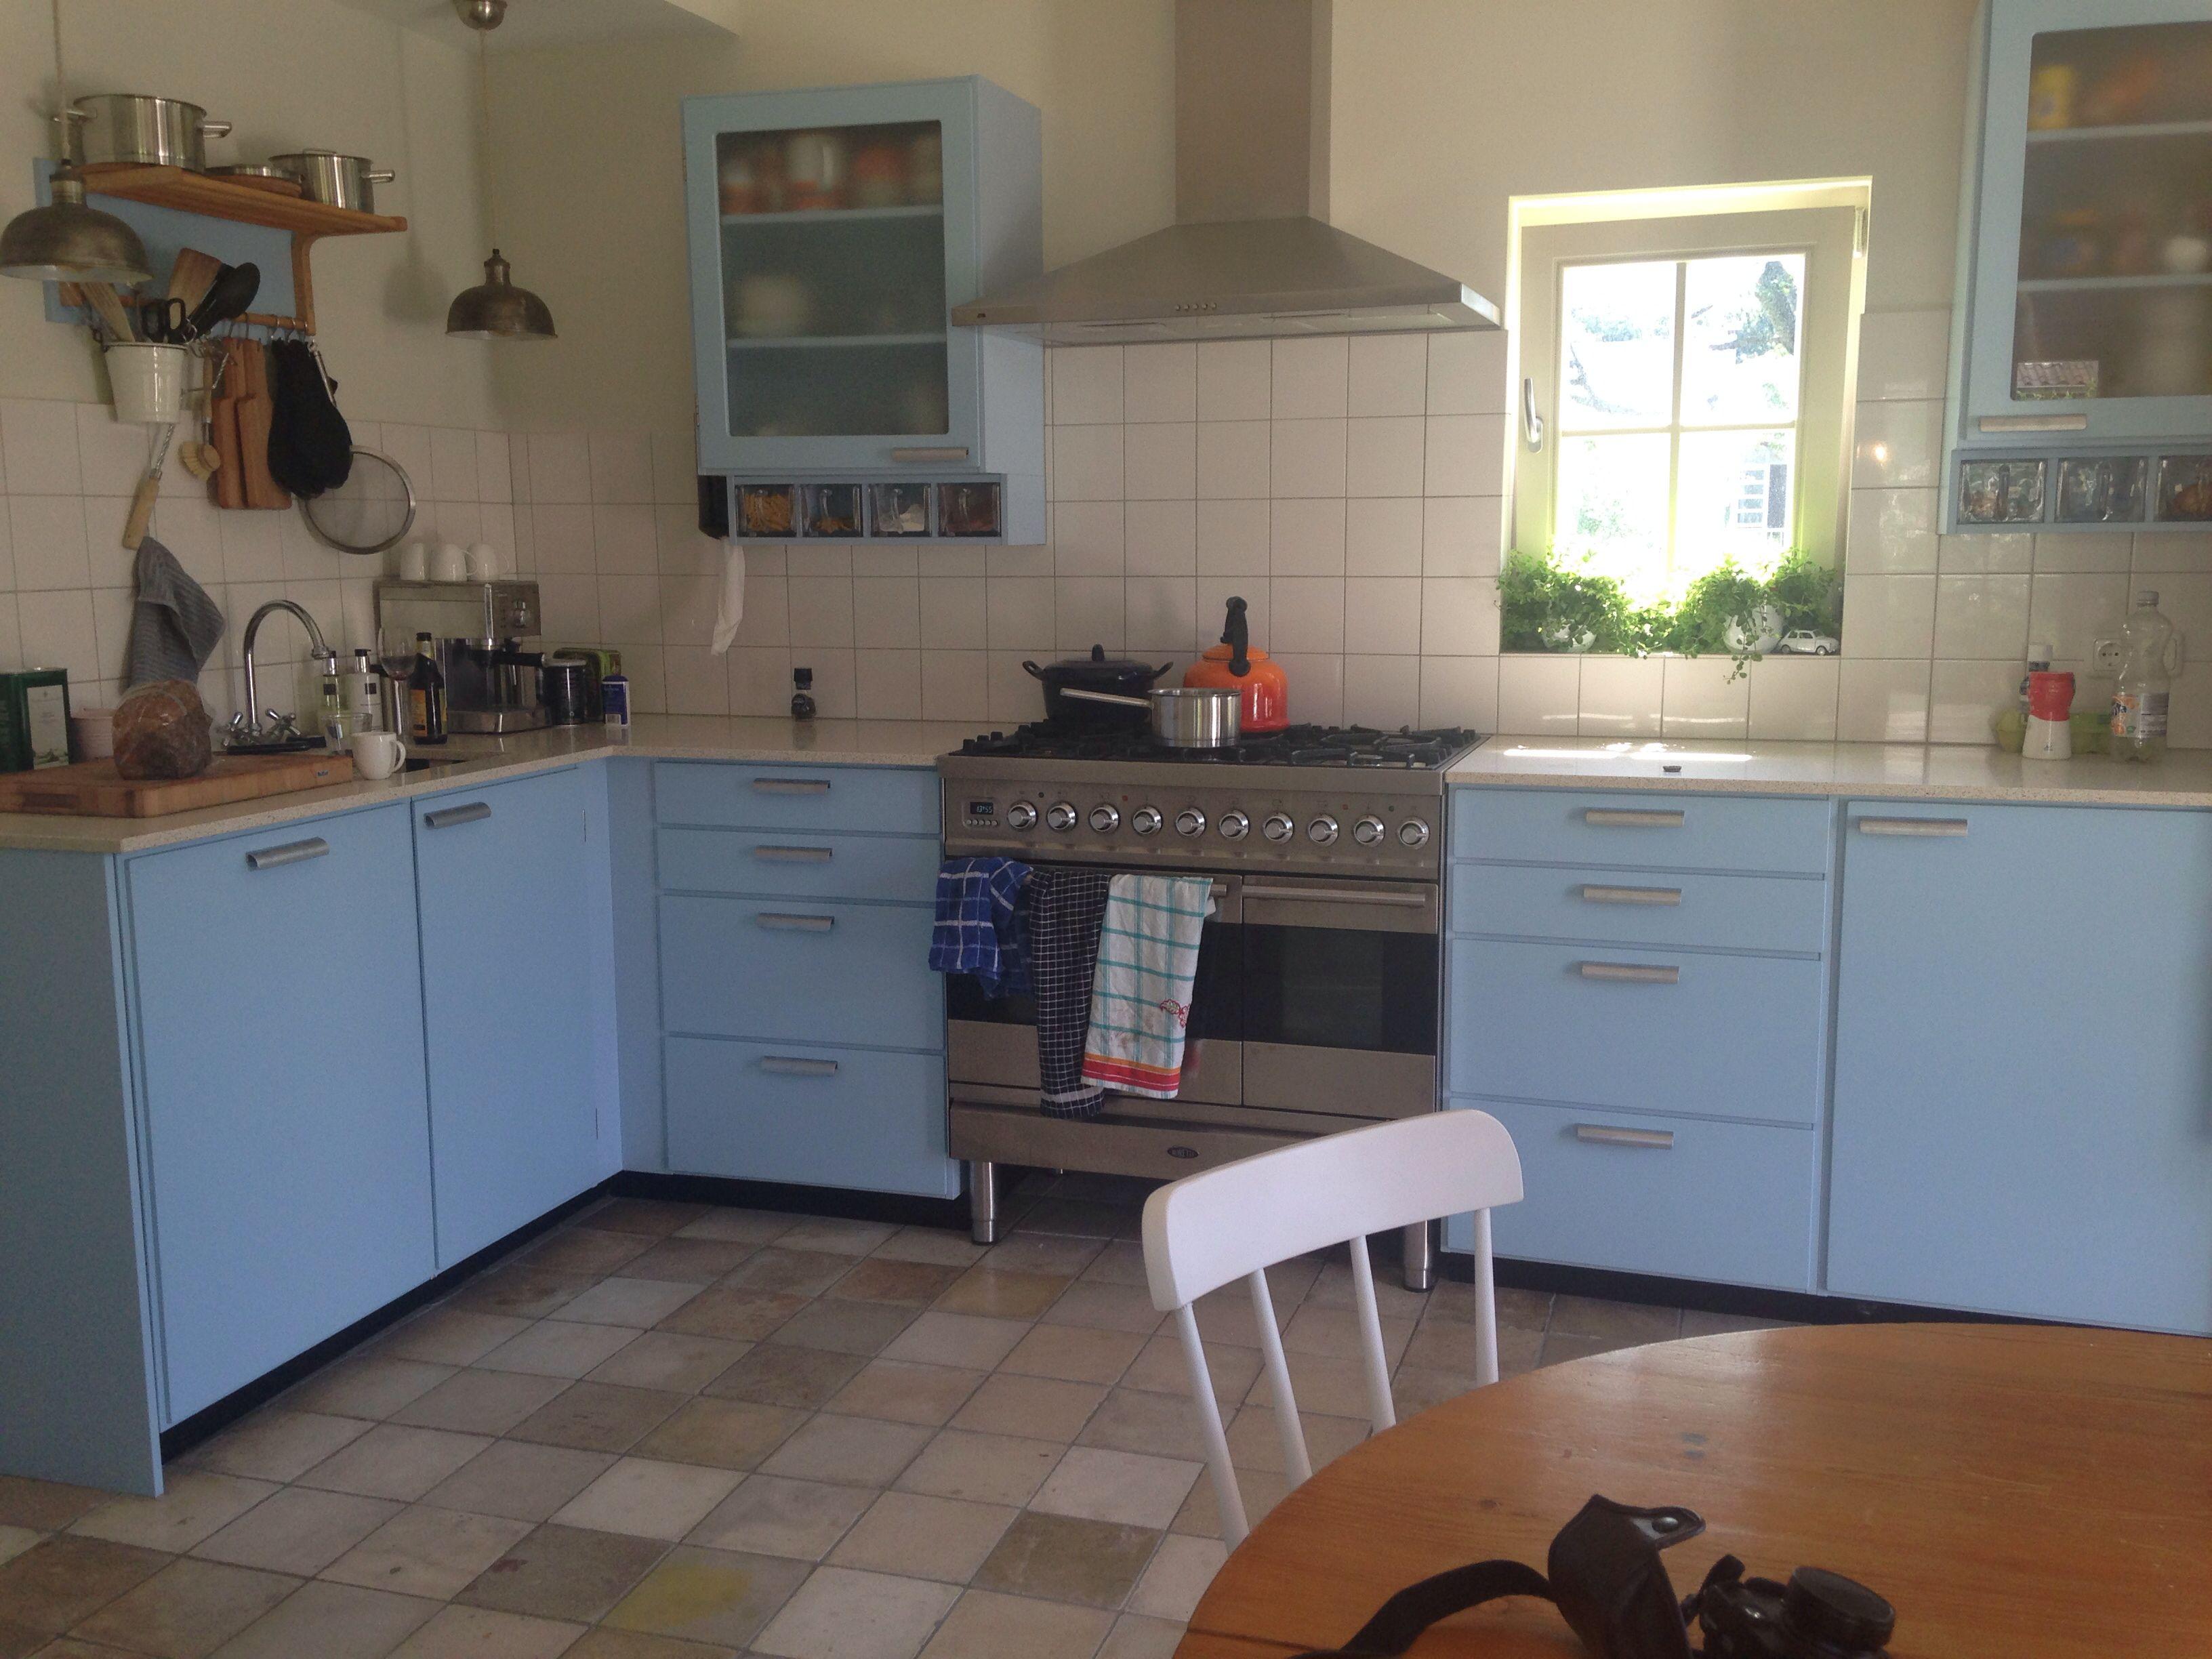 Piet Zwart Keuken : Bruynzeel keuken piet zwart te koop u informatie over de keuken